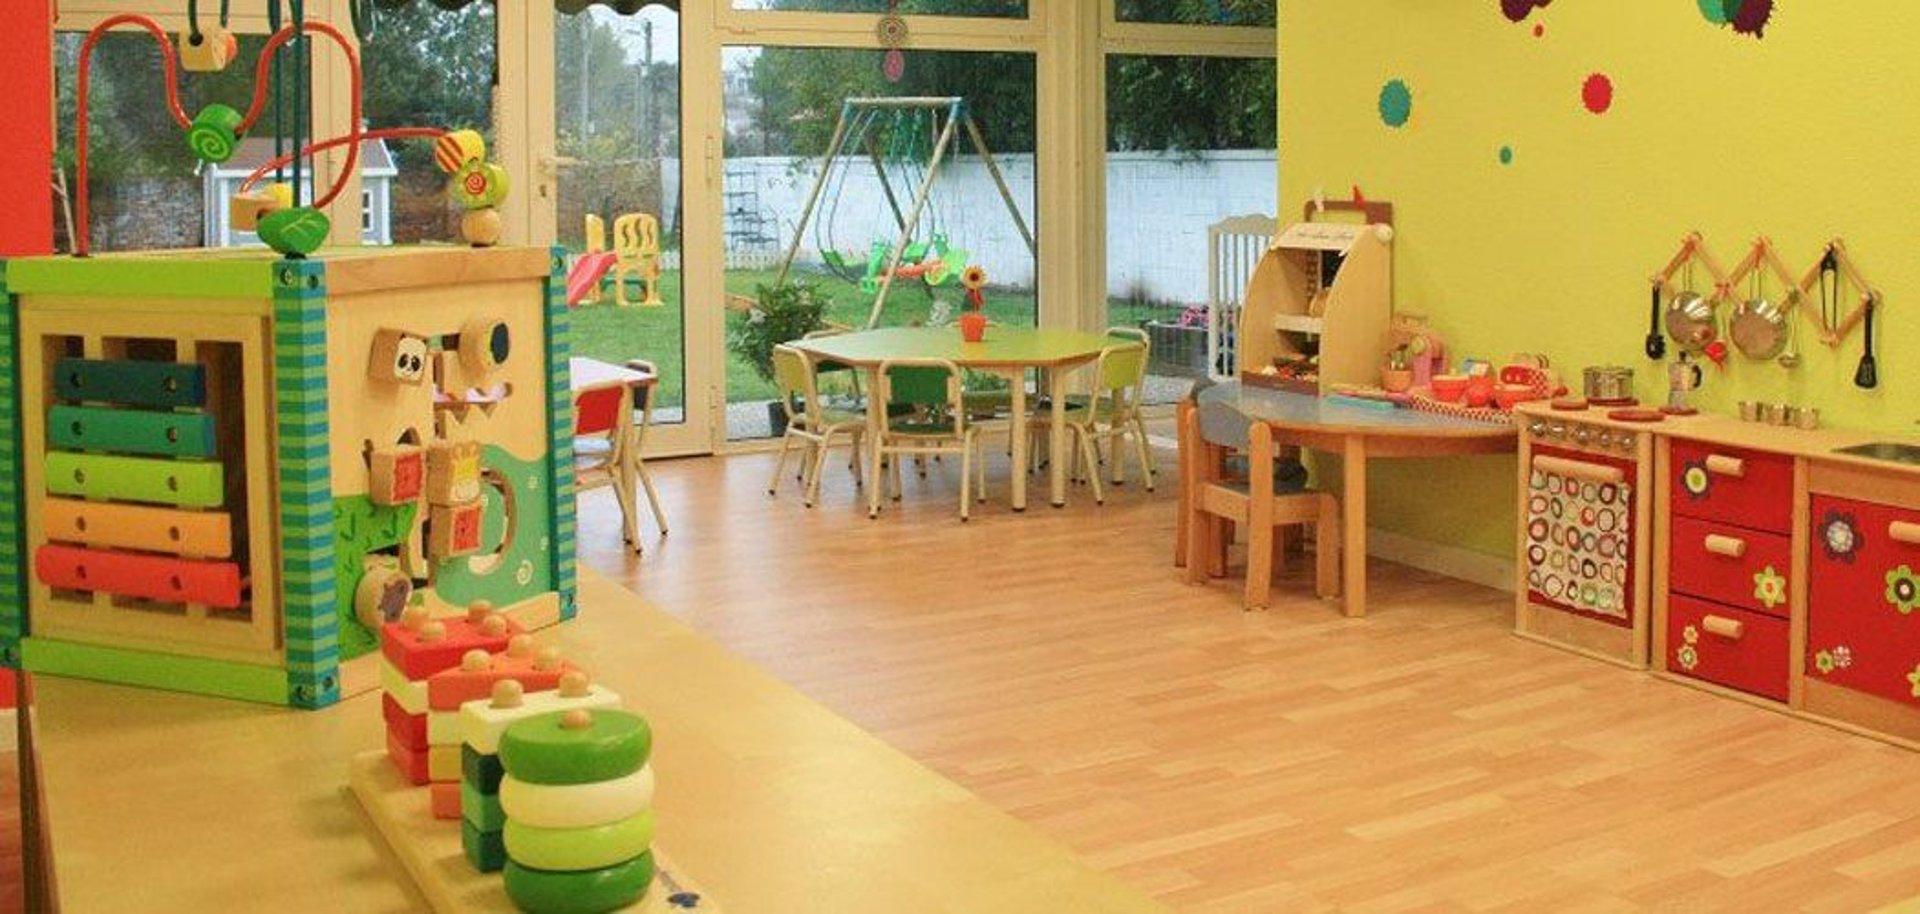 Escuelas Infantiles critica que el curso acaba «con partidas por cobrar» y solicita «mayor implicación» a la Junta